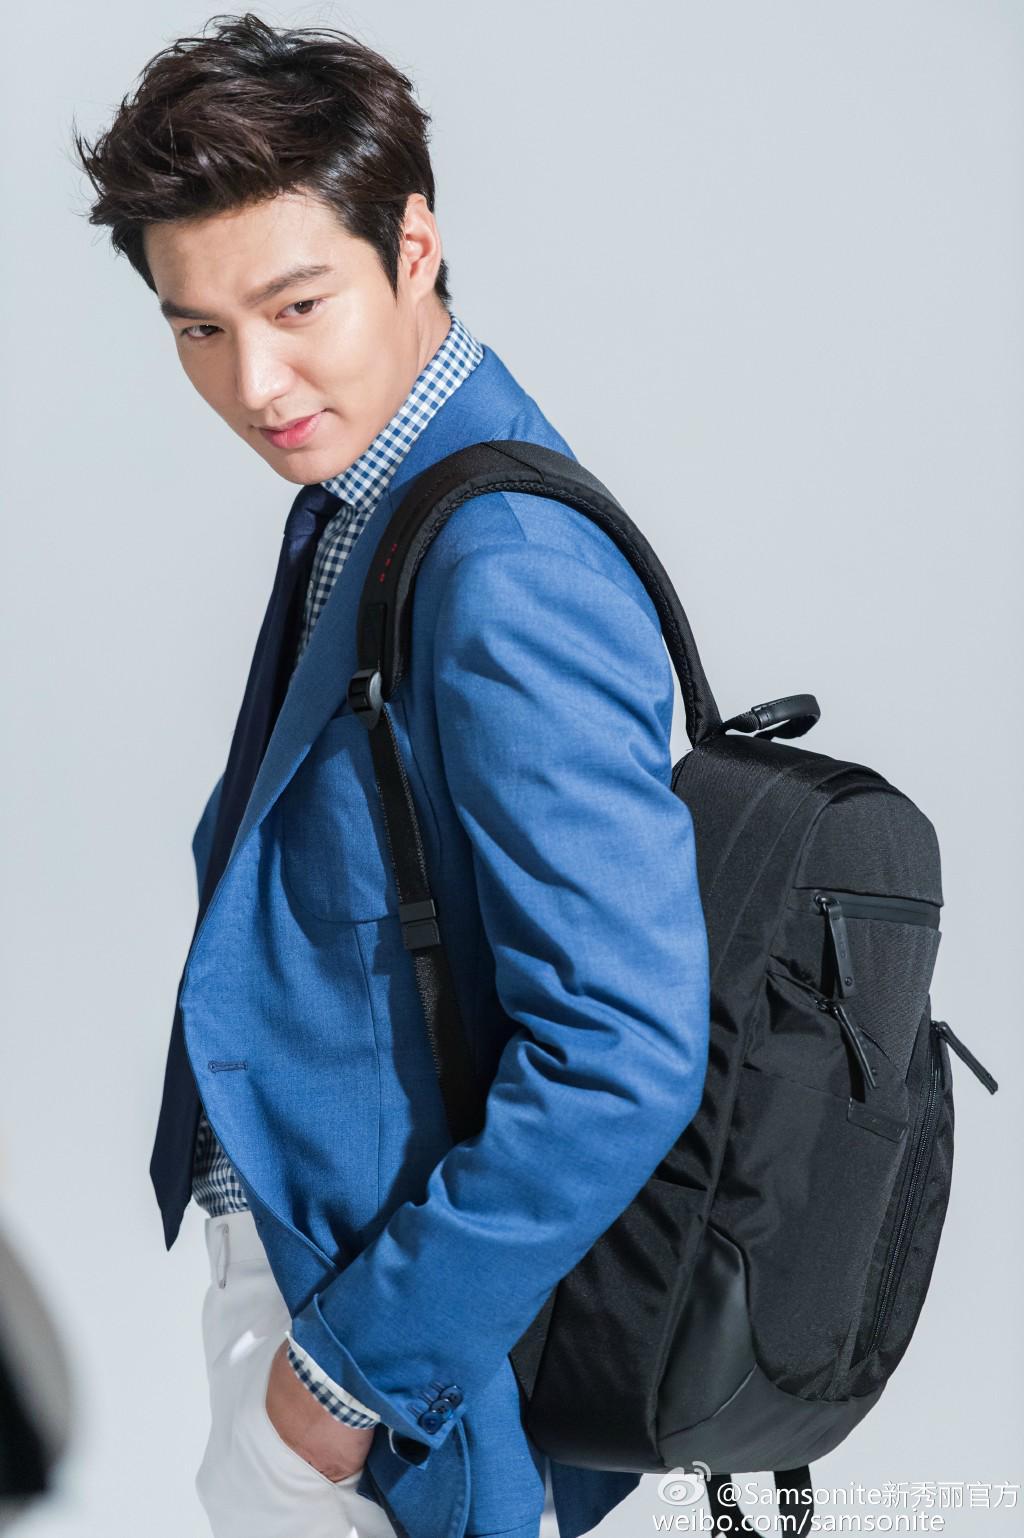 Top 10 sự kiện đáng nhớ của Lee Min Ho trong năm qua - 7